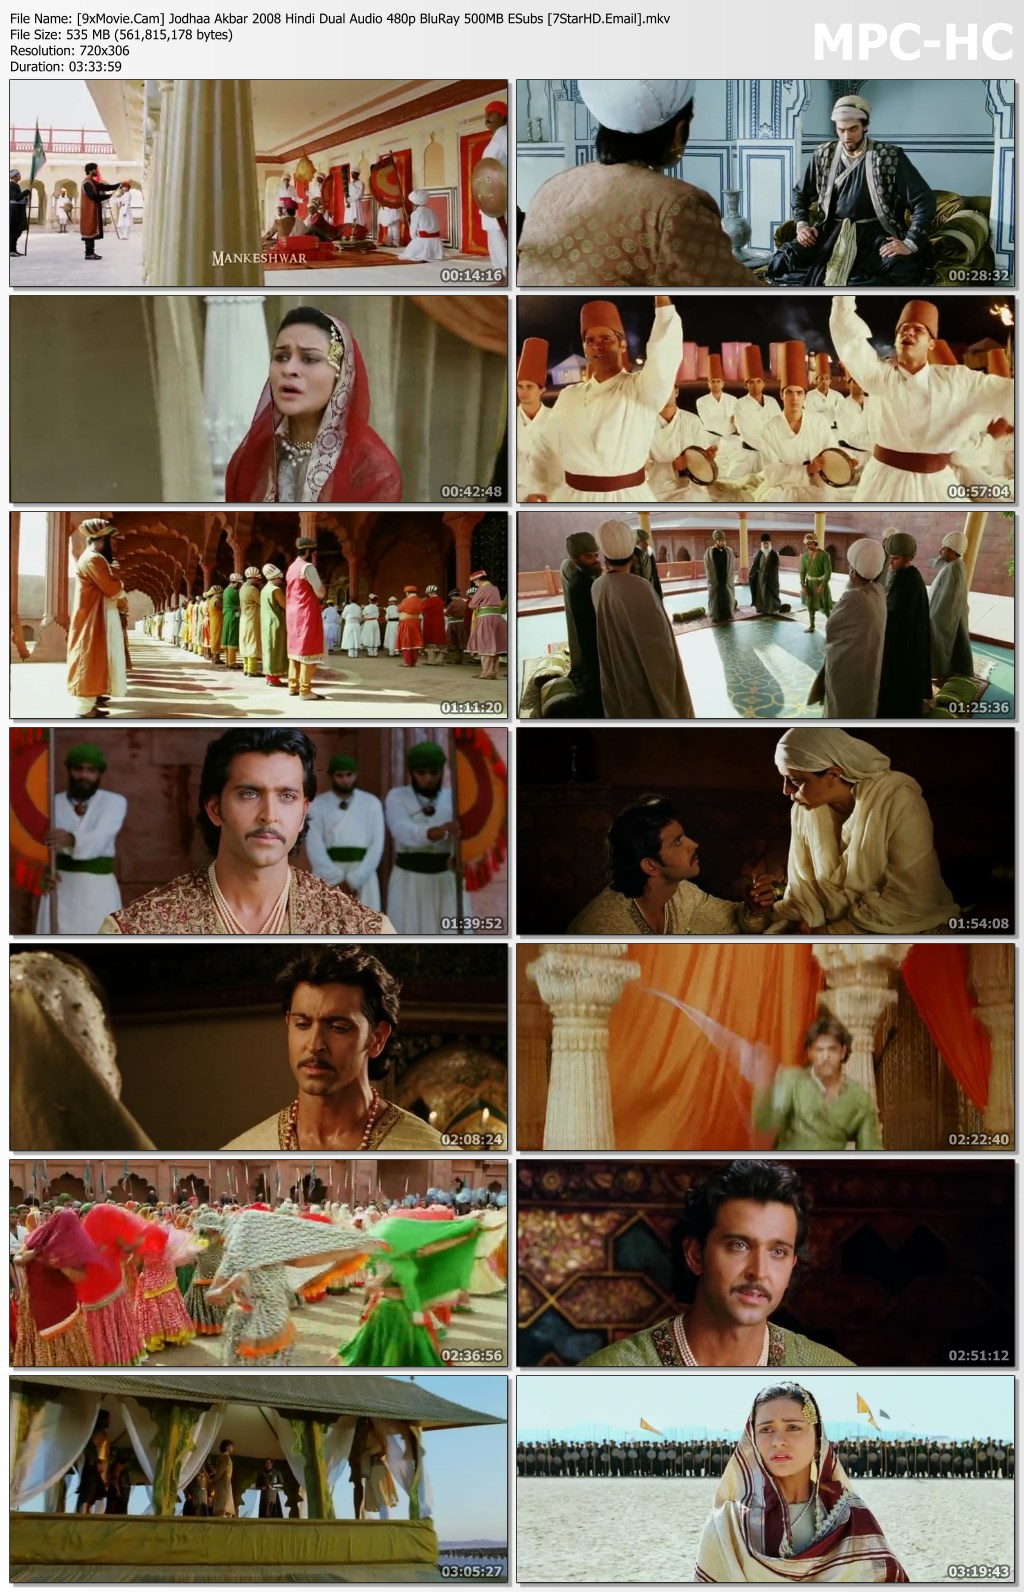 Jodhaa Akbar 2008 Hindi Dual Audio 480p BluRay x264 500MB ESubs